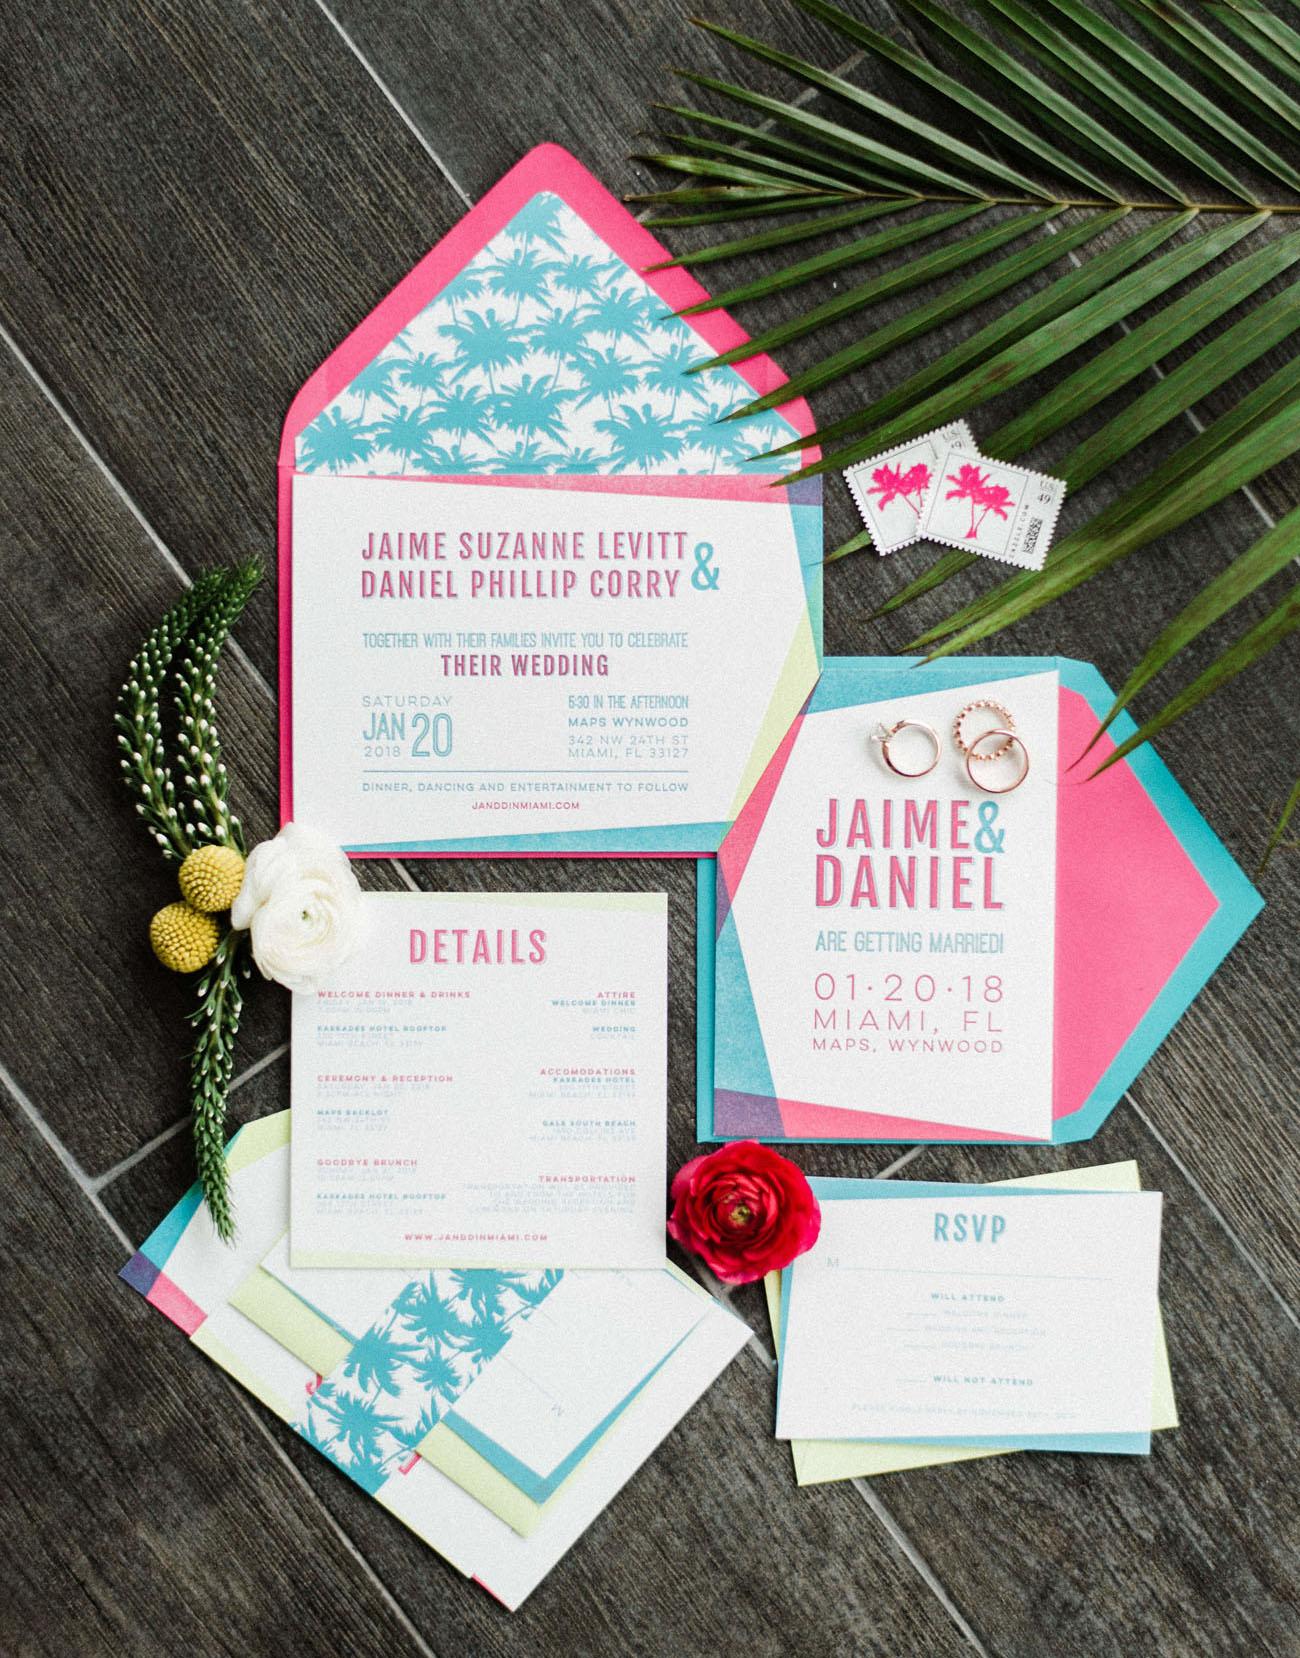 Convite de Casamento Moderno | Blog Noiva Ansiosa